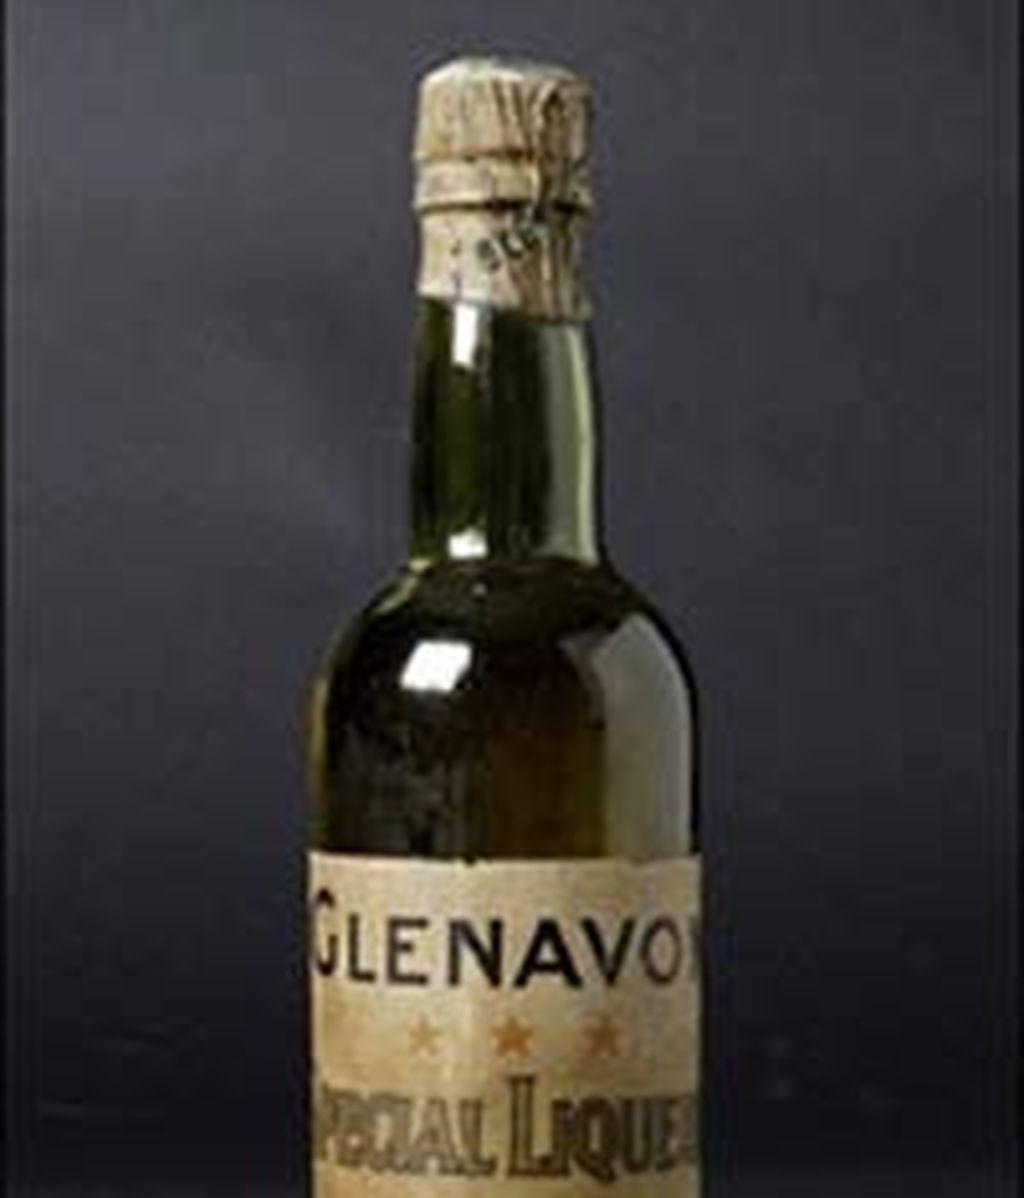 Una de las botellas más antiguas del mundo, adjudicada en una subasta por 21.990 euros. Foto: elporvenir.com